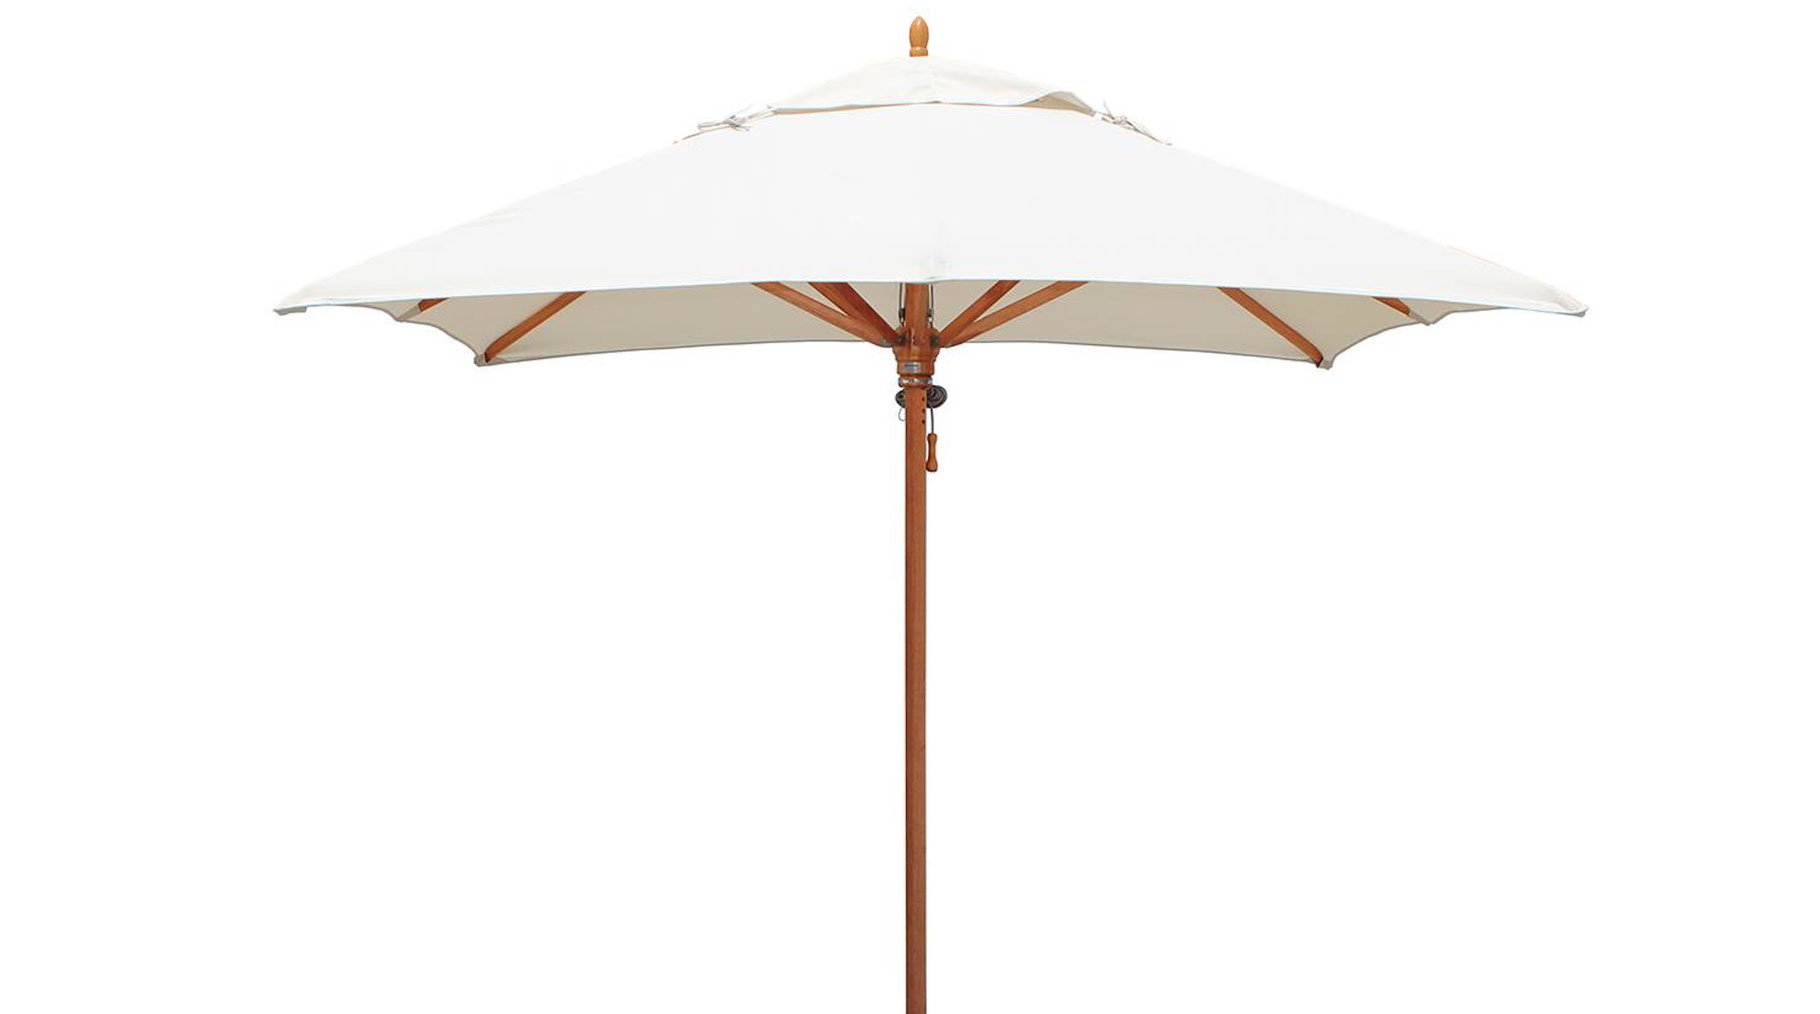 tradewinds sonnenschirm holz 220 x 220 cm solero bei sonnenschirme co gastroschirme und. Black Bedroom Furniture Sets. Home Design Ideas